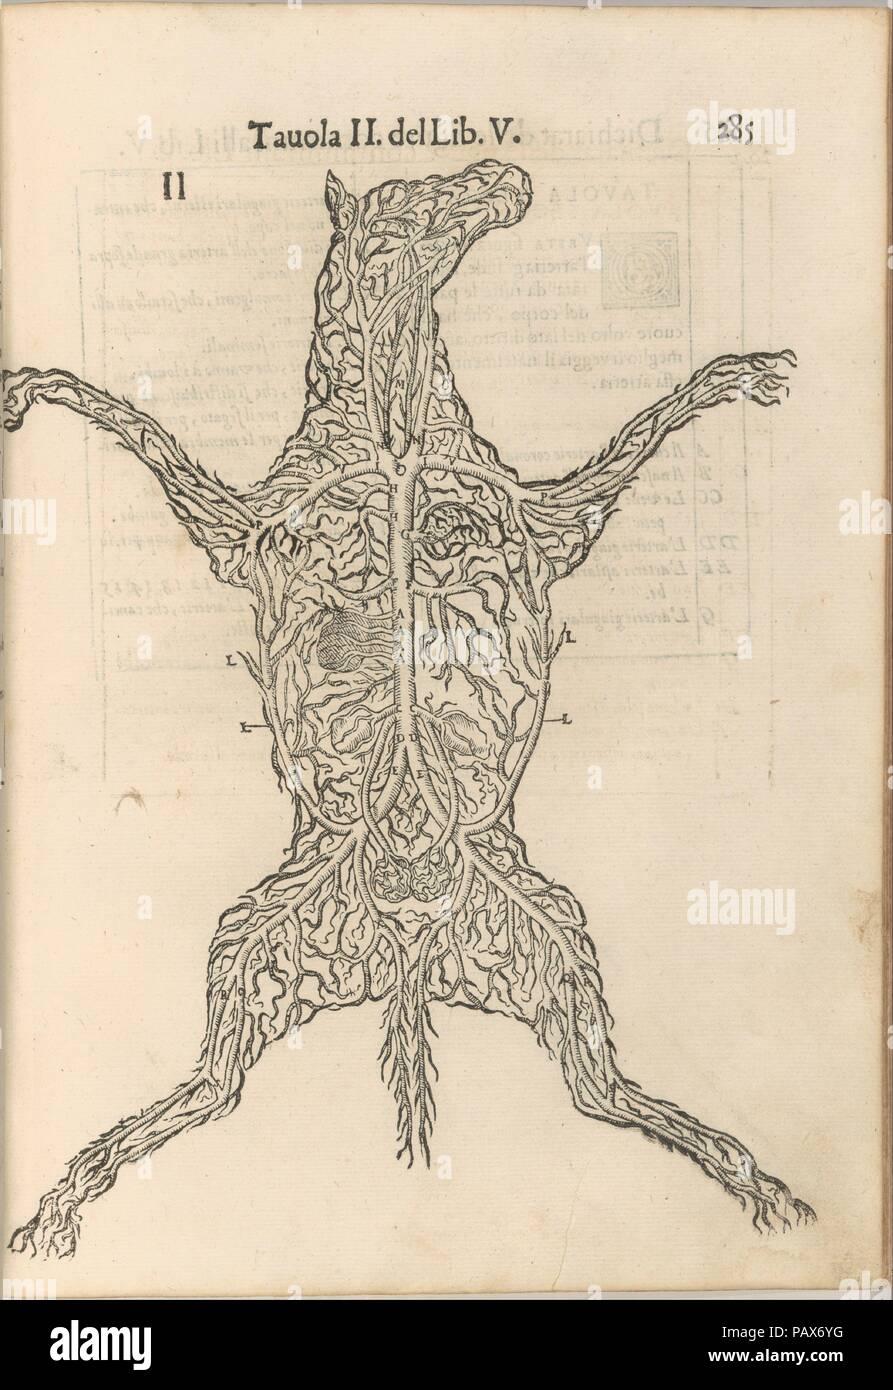 Anatomia del Cavallo. Infirmita del Cavallo. Autore: scritto da Carlo Ruini. Dimensioni: complessivo: 13 1/16 x 9 1/16 x 2 1/2 in. (33,1 x 23 x 6,4 cm). Stampante: stampato da A. Bindoni il giovane , Venezia. Data: 1602. Museo: Metropolitan Museum of Art di New York, Stati Uniti d'America. Immagini Stock